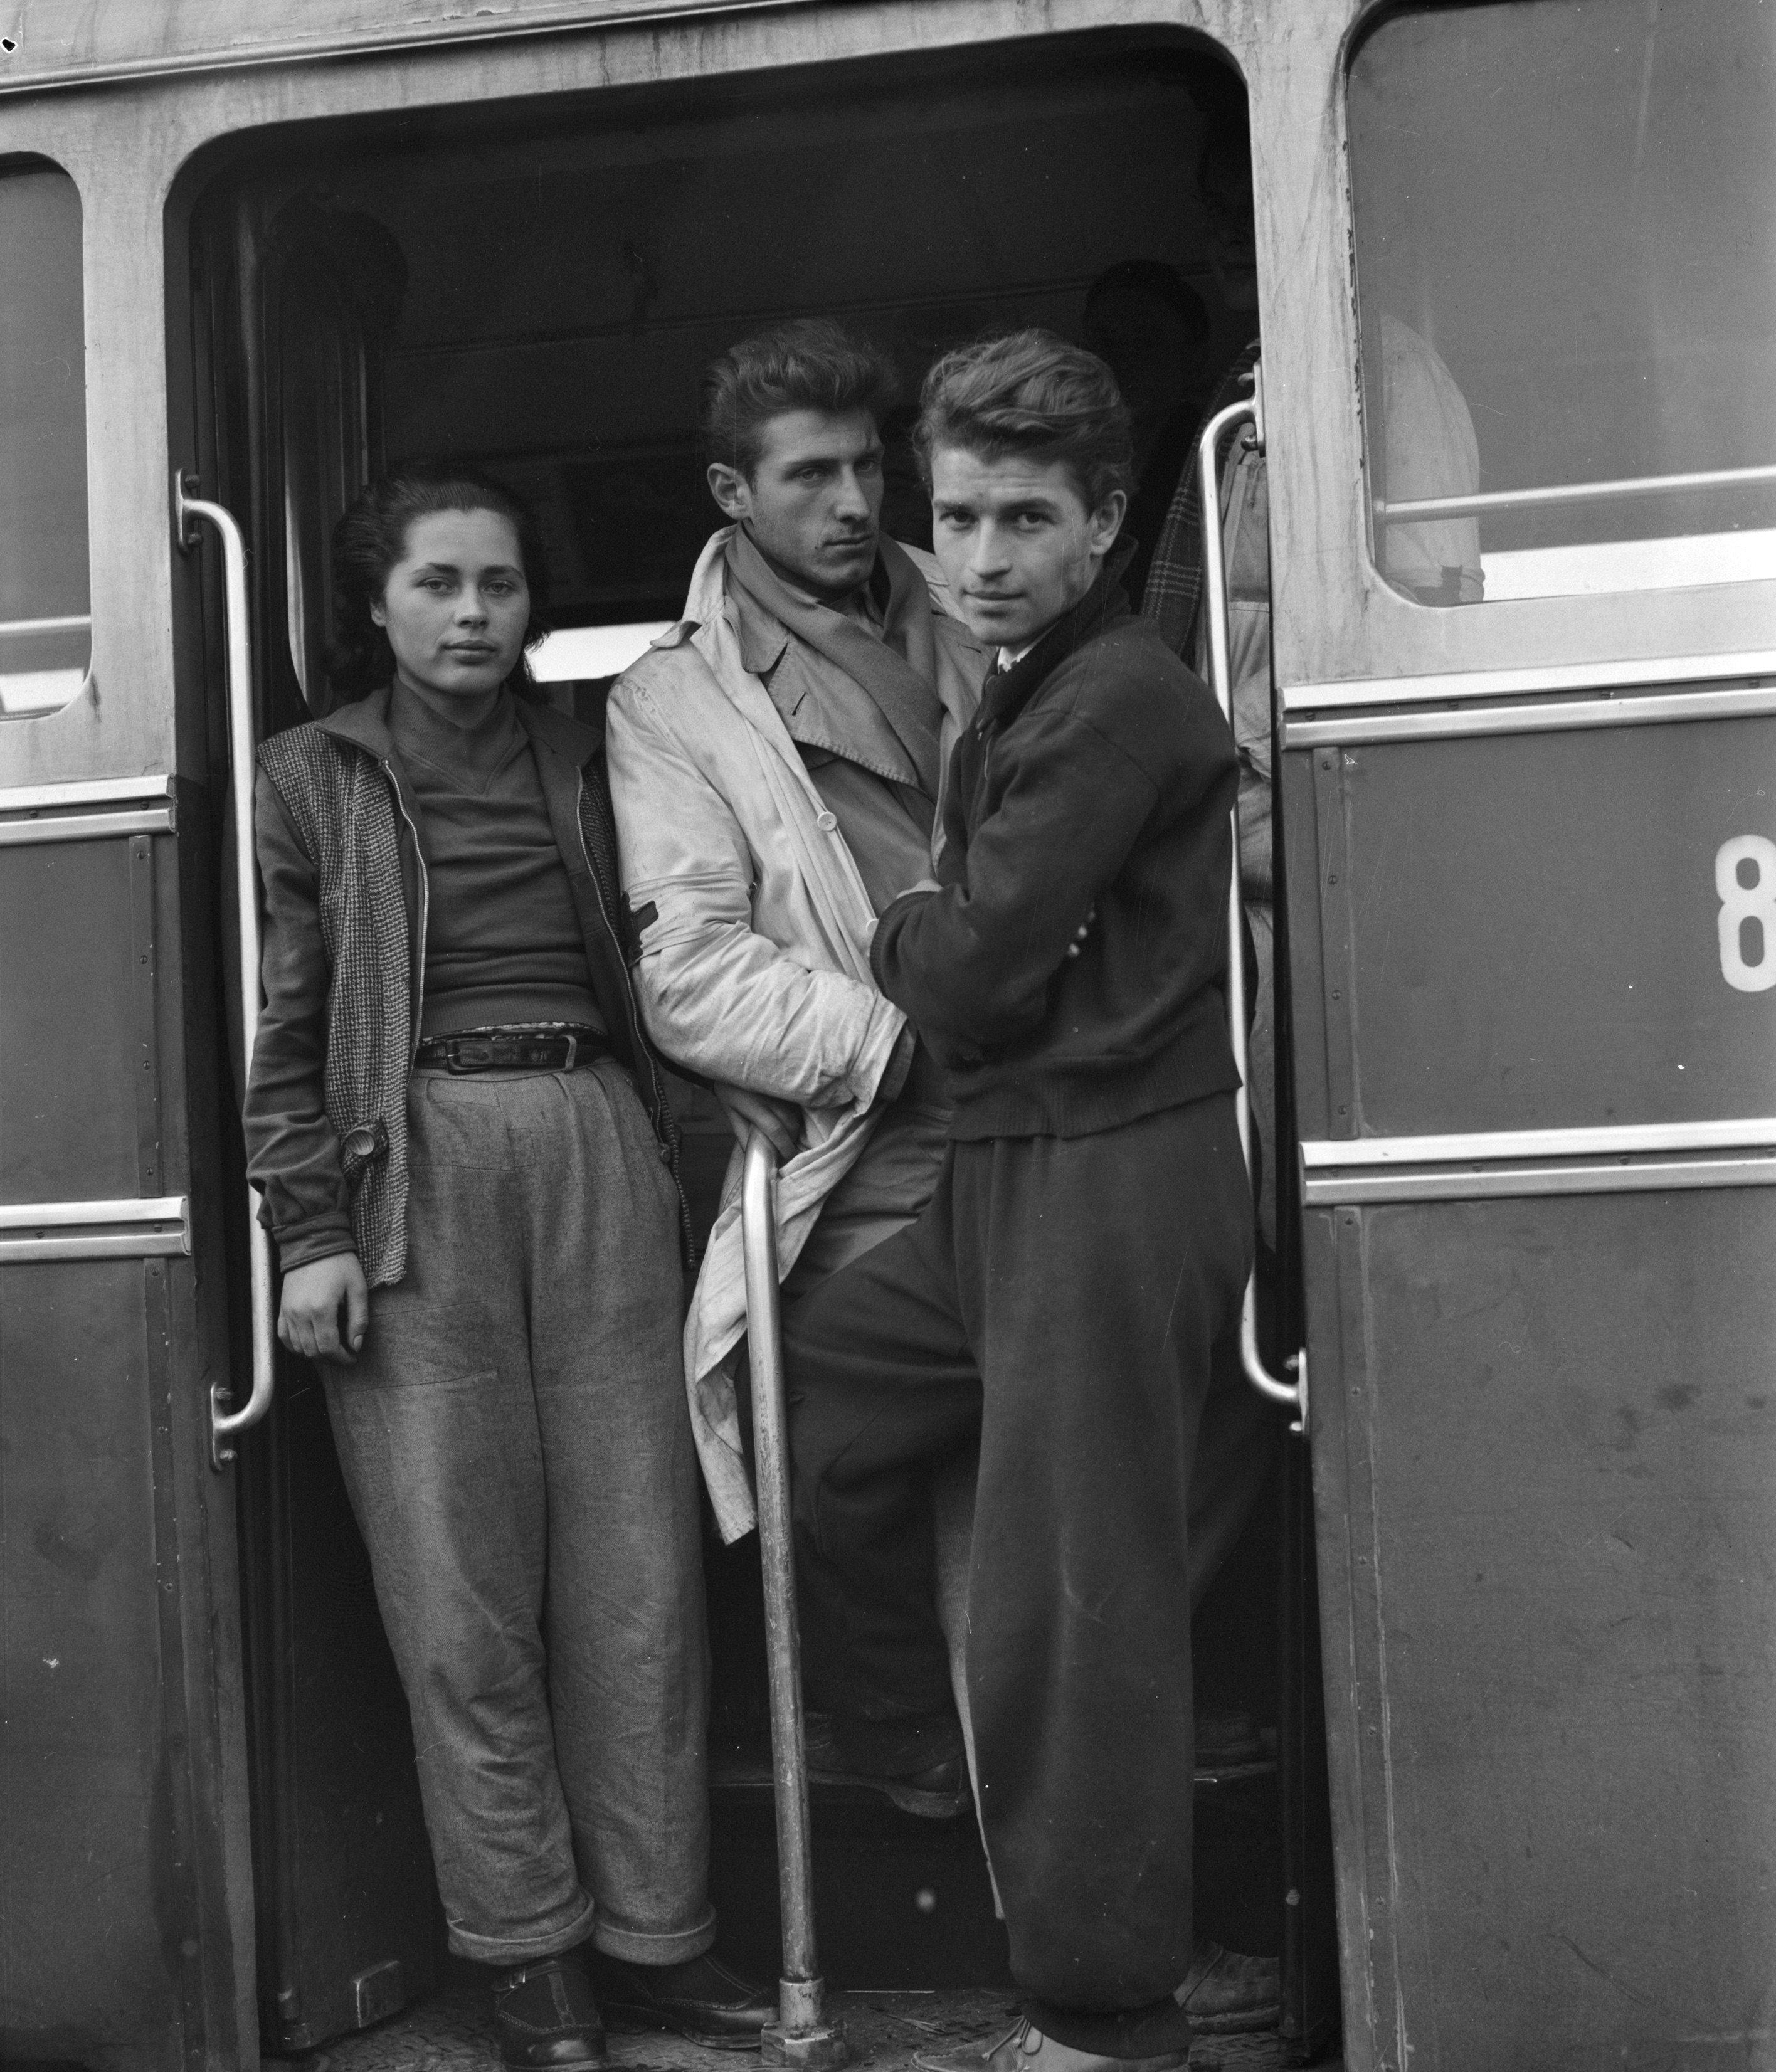 Utolsó képek Budapestről sorozat – a Vöröskereszt menekülteket szállító buszának utasai, '56 november 2. Fotó: Joop van Bilsen/ Anefo